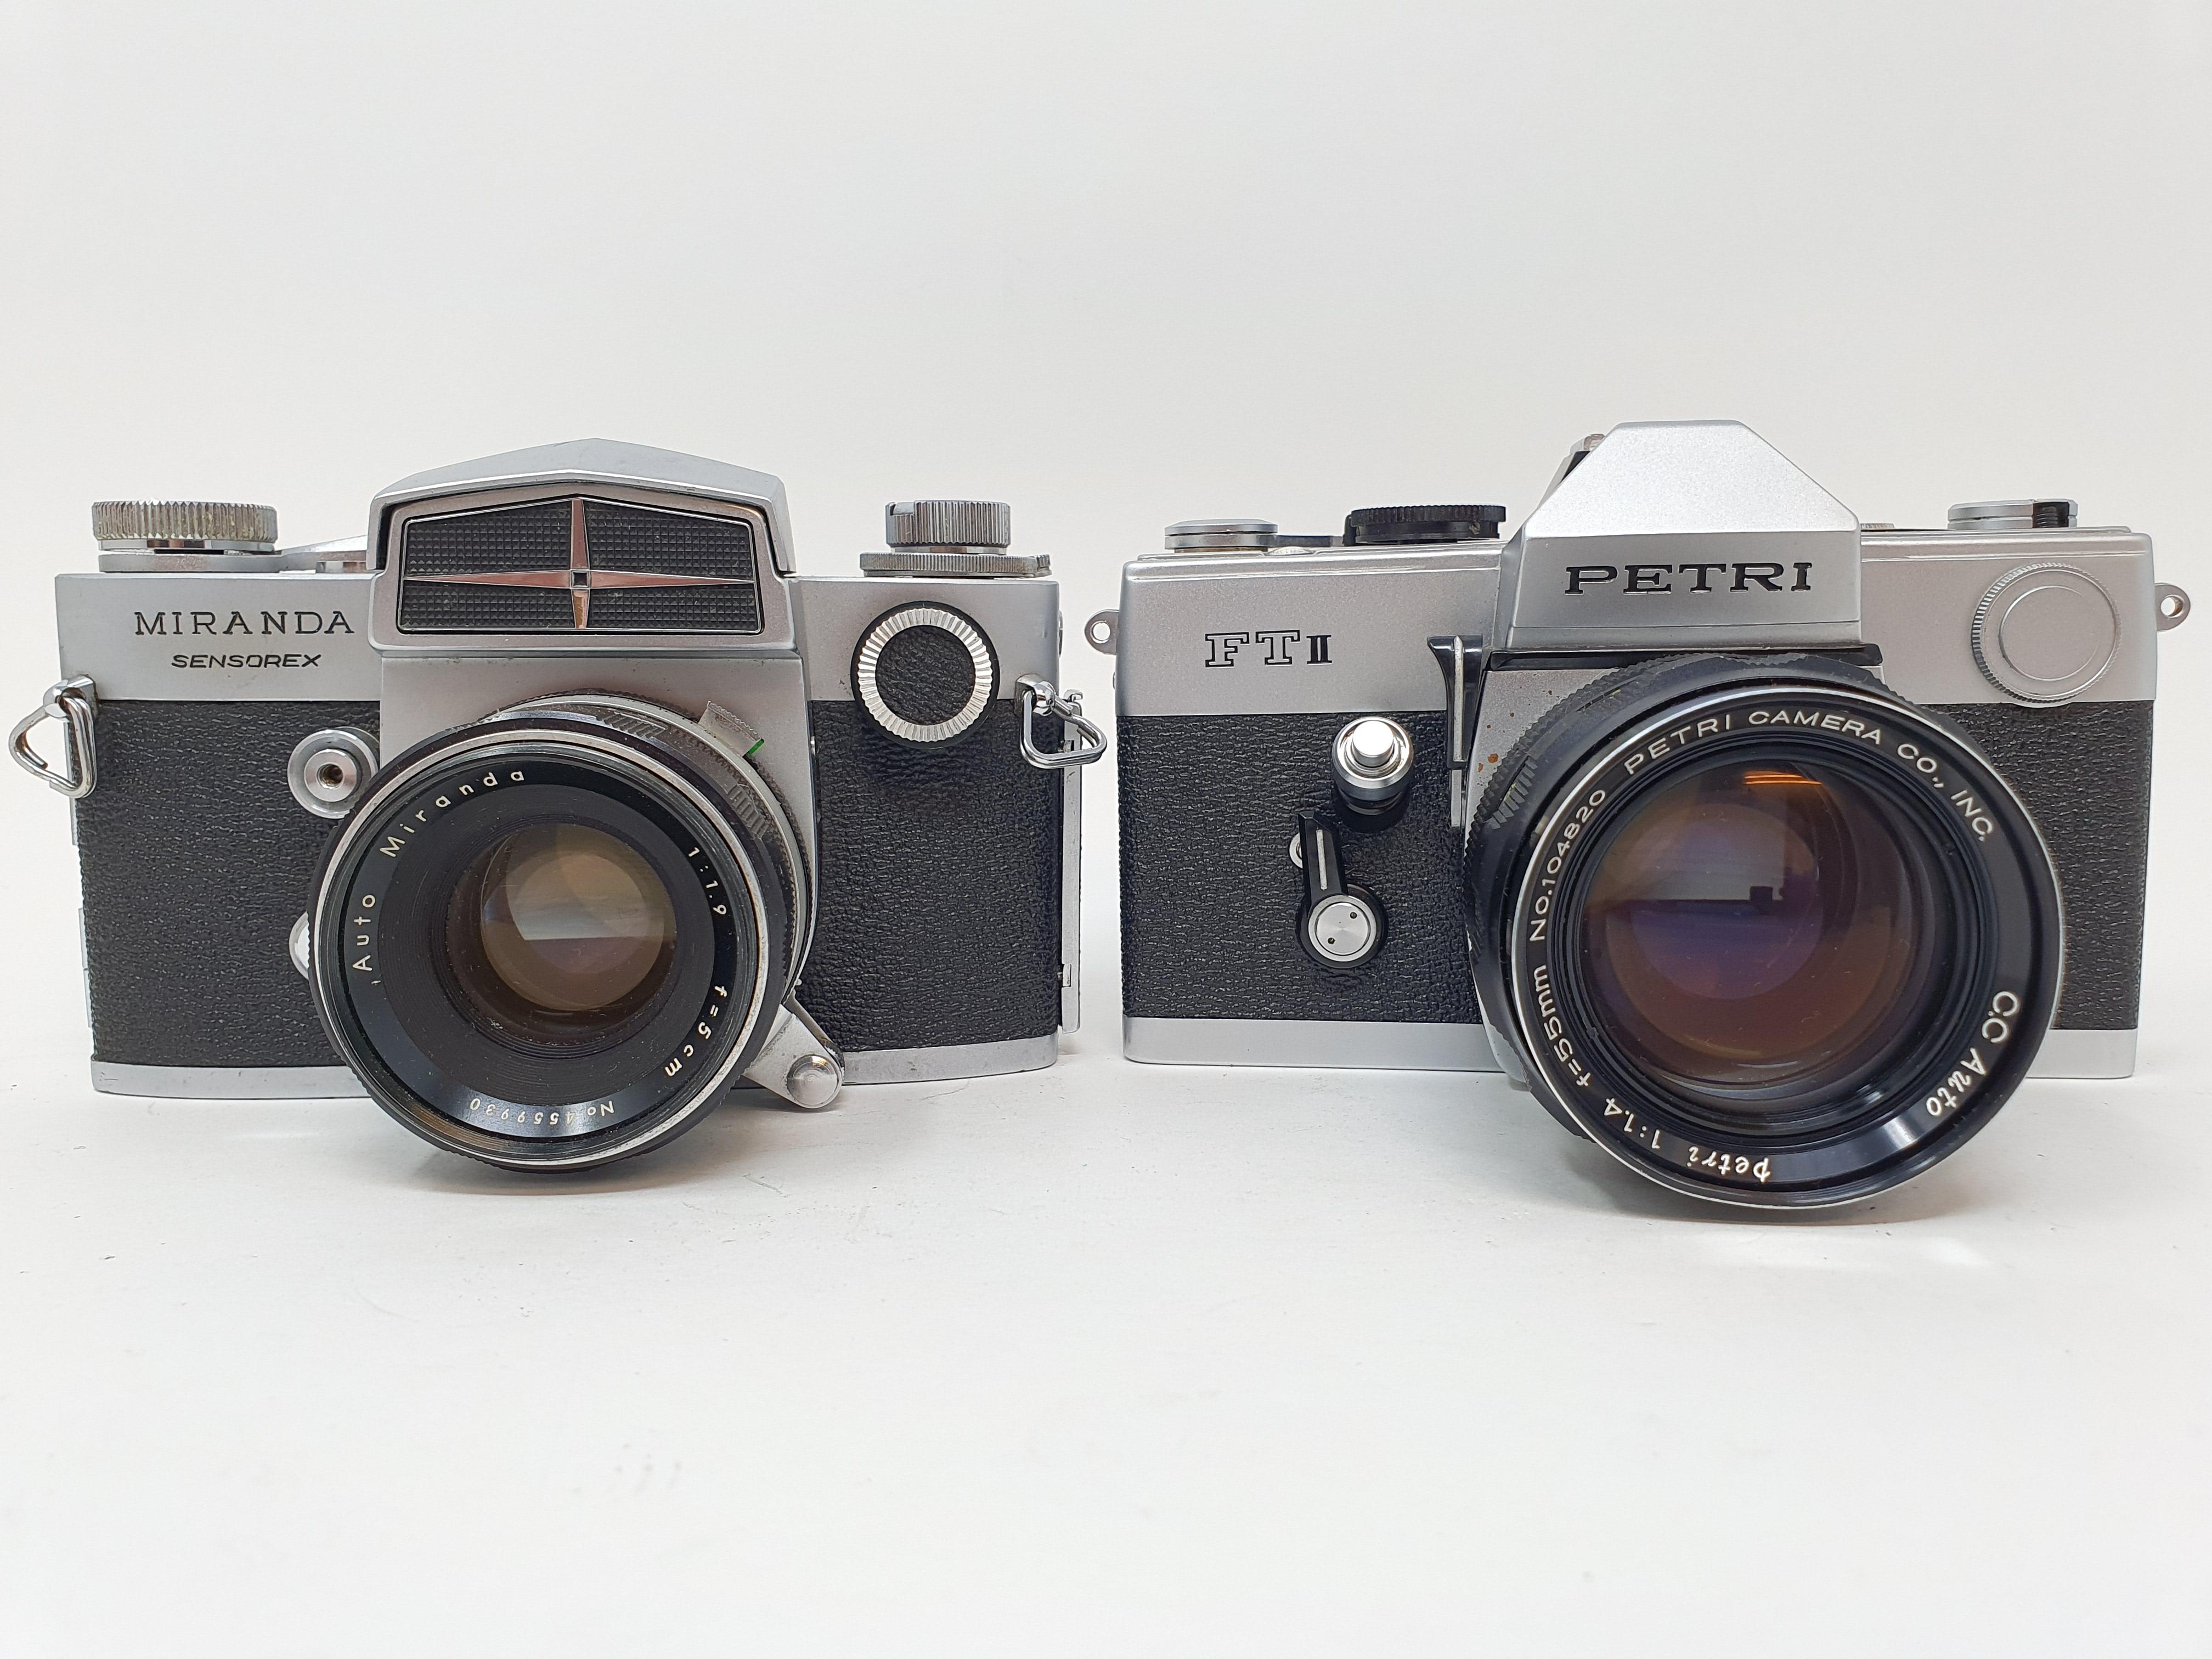 A Miranda Sensorex camera and a Petri FT II camera (2) Provenance: Part of a vast single owner